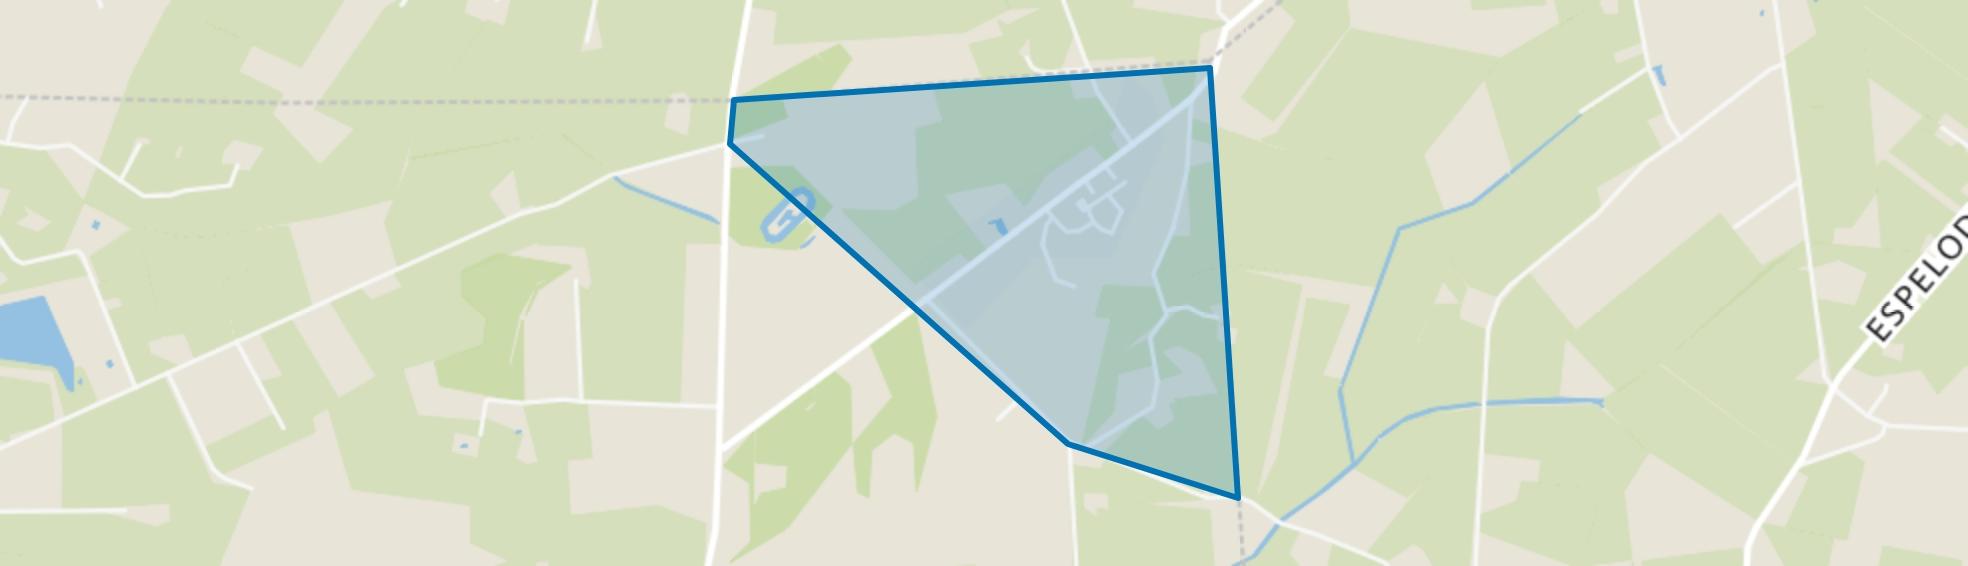 Okkenbroek, Okkenbroek map